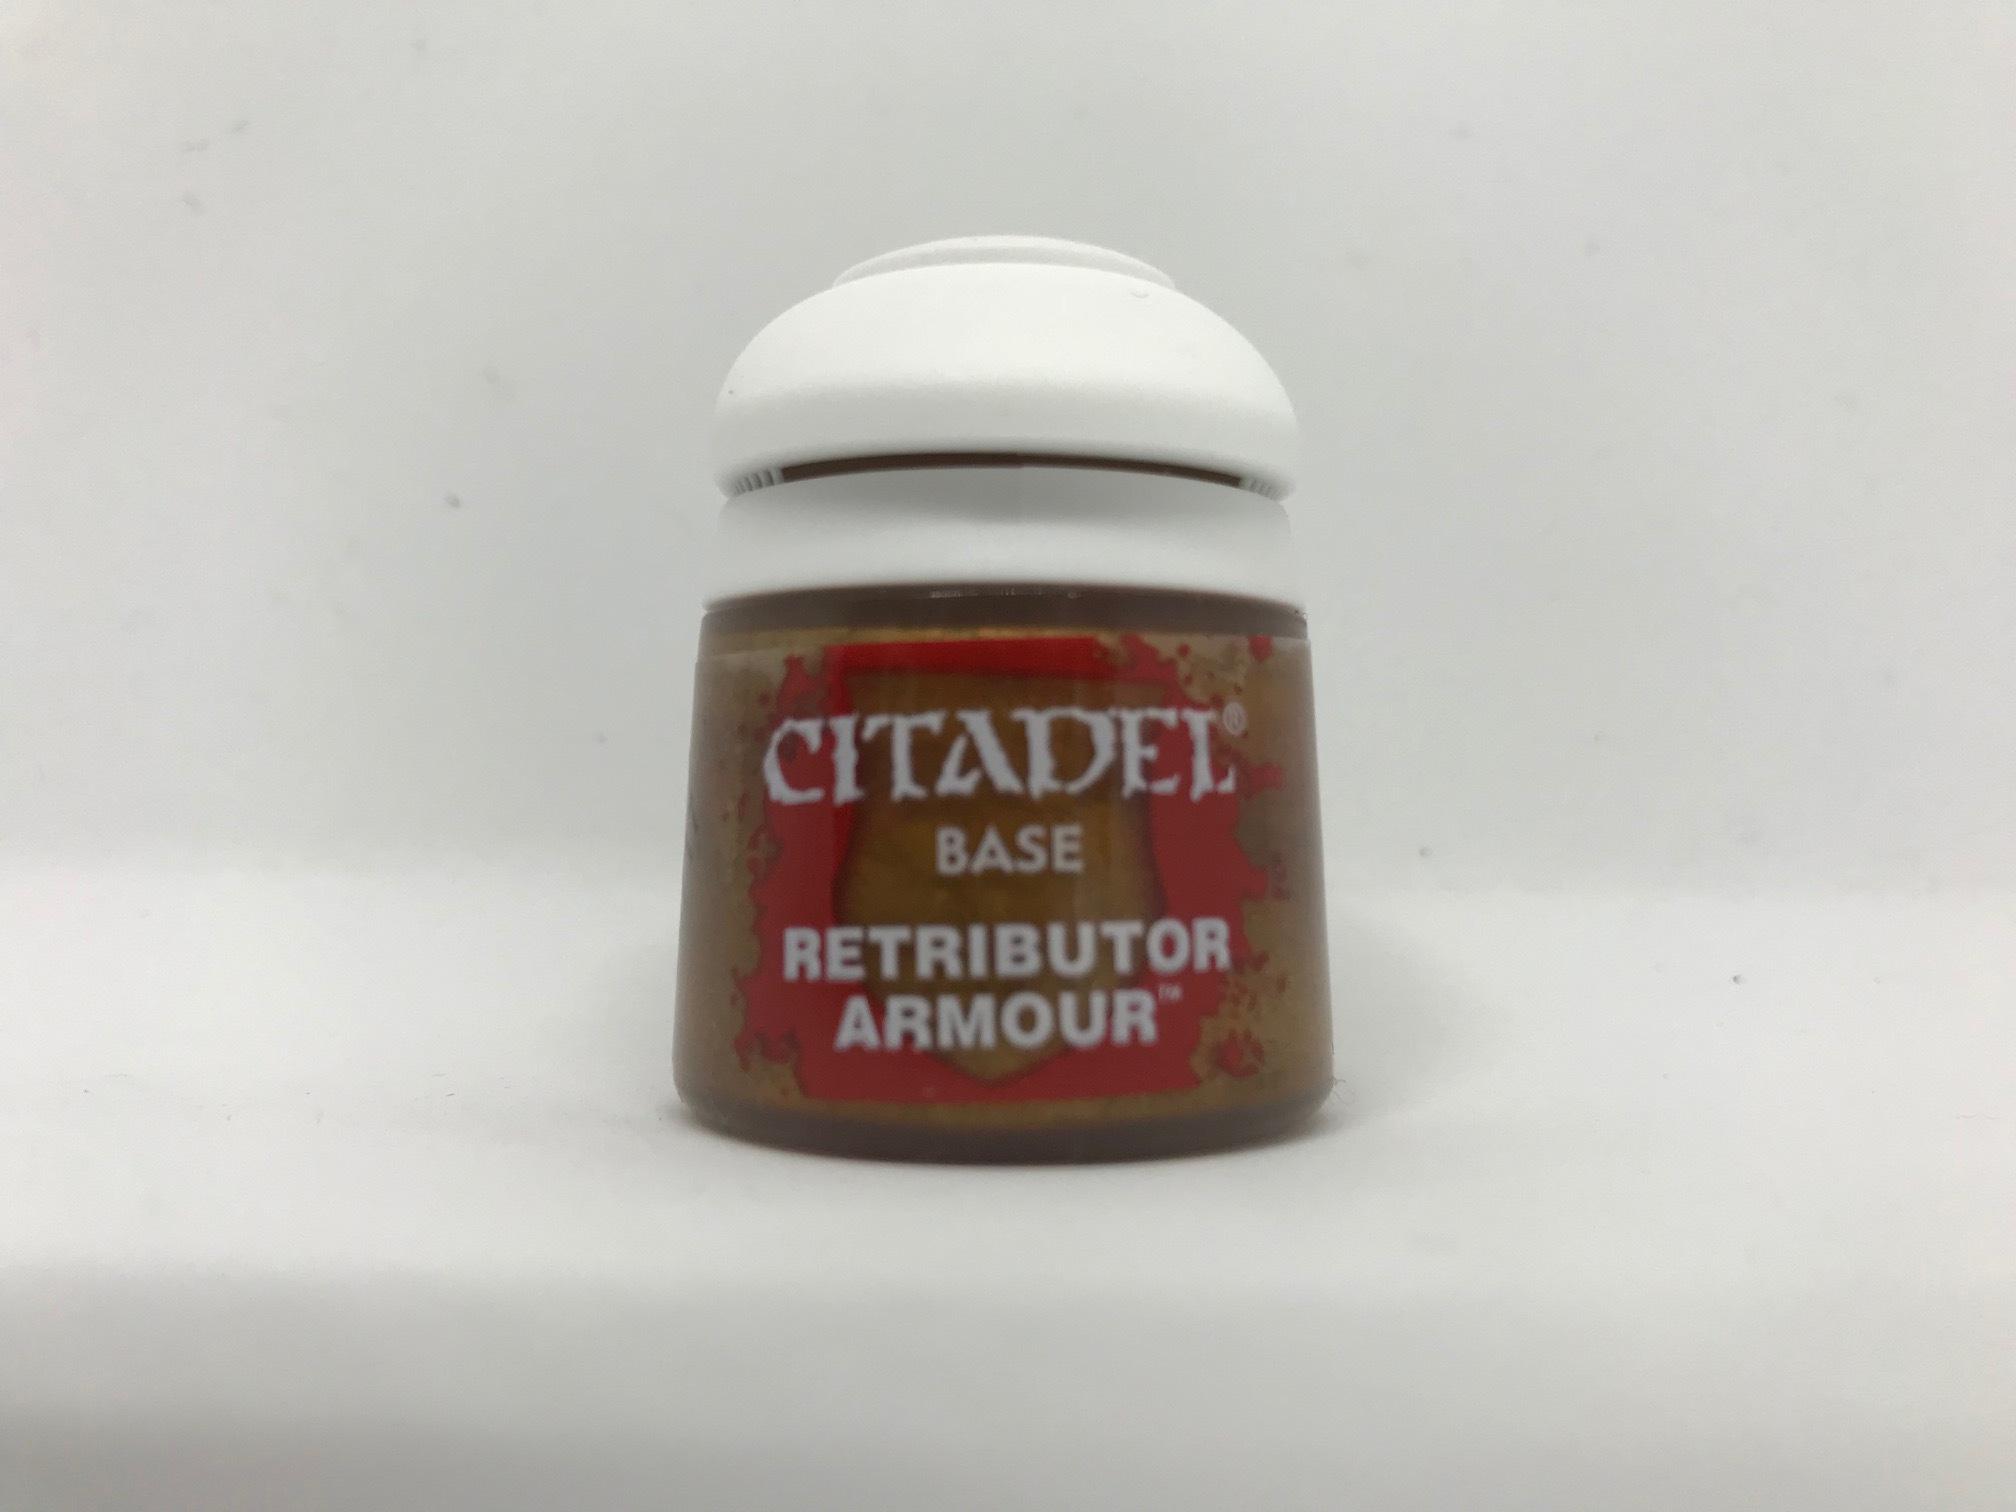 BASE:RETRIBUTOR ARMOUR シタデルカラー ベース